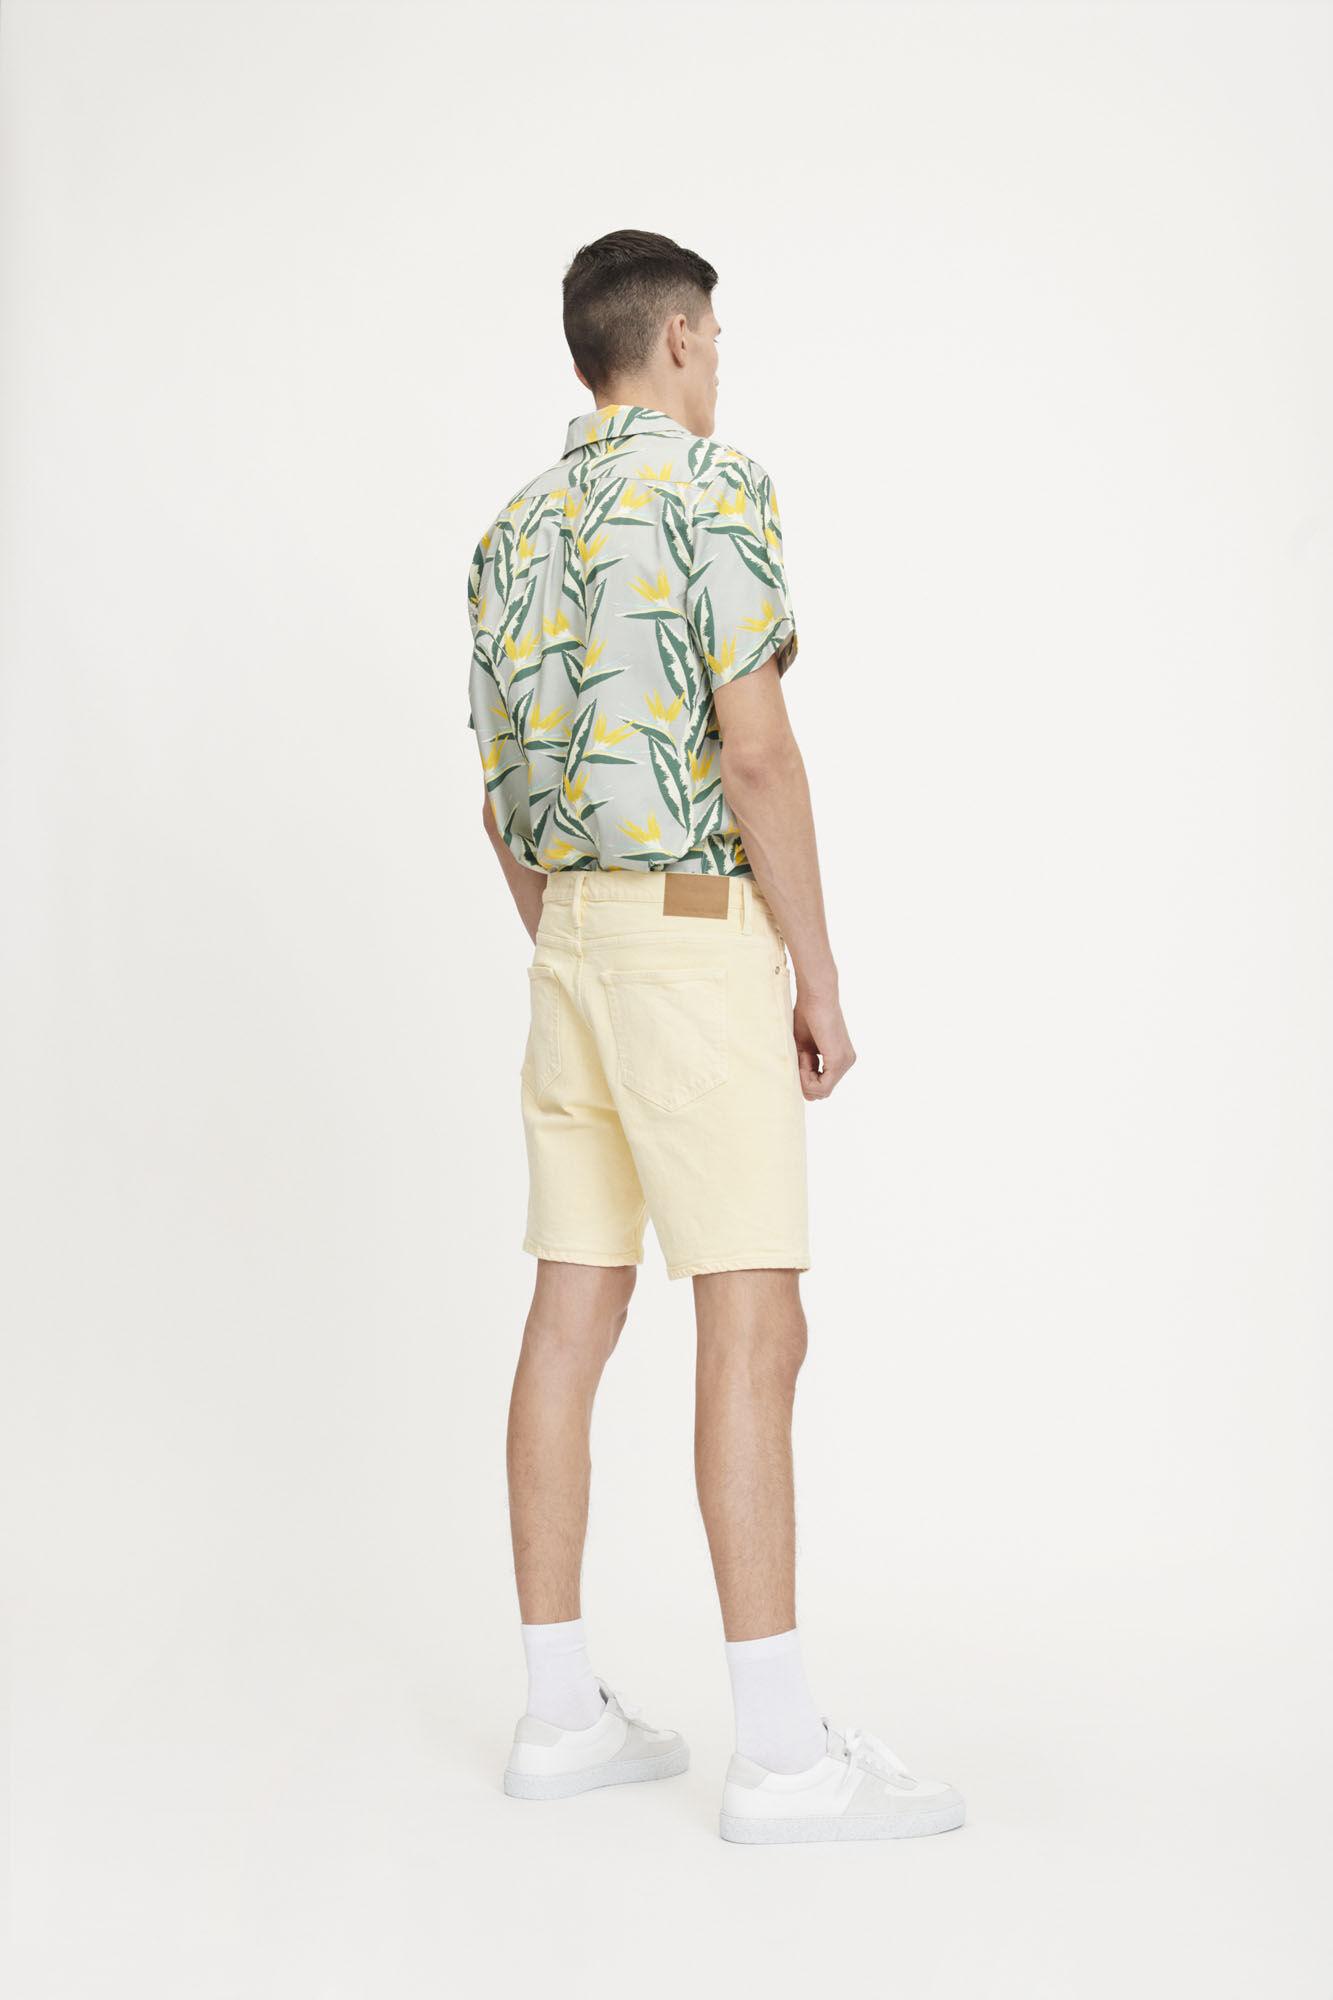 Kurt shorts 10999